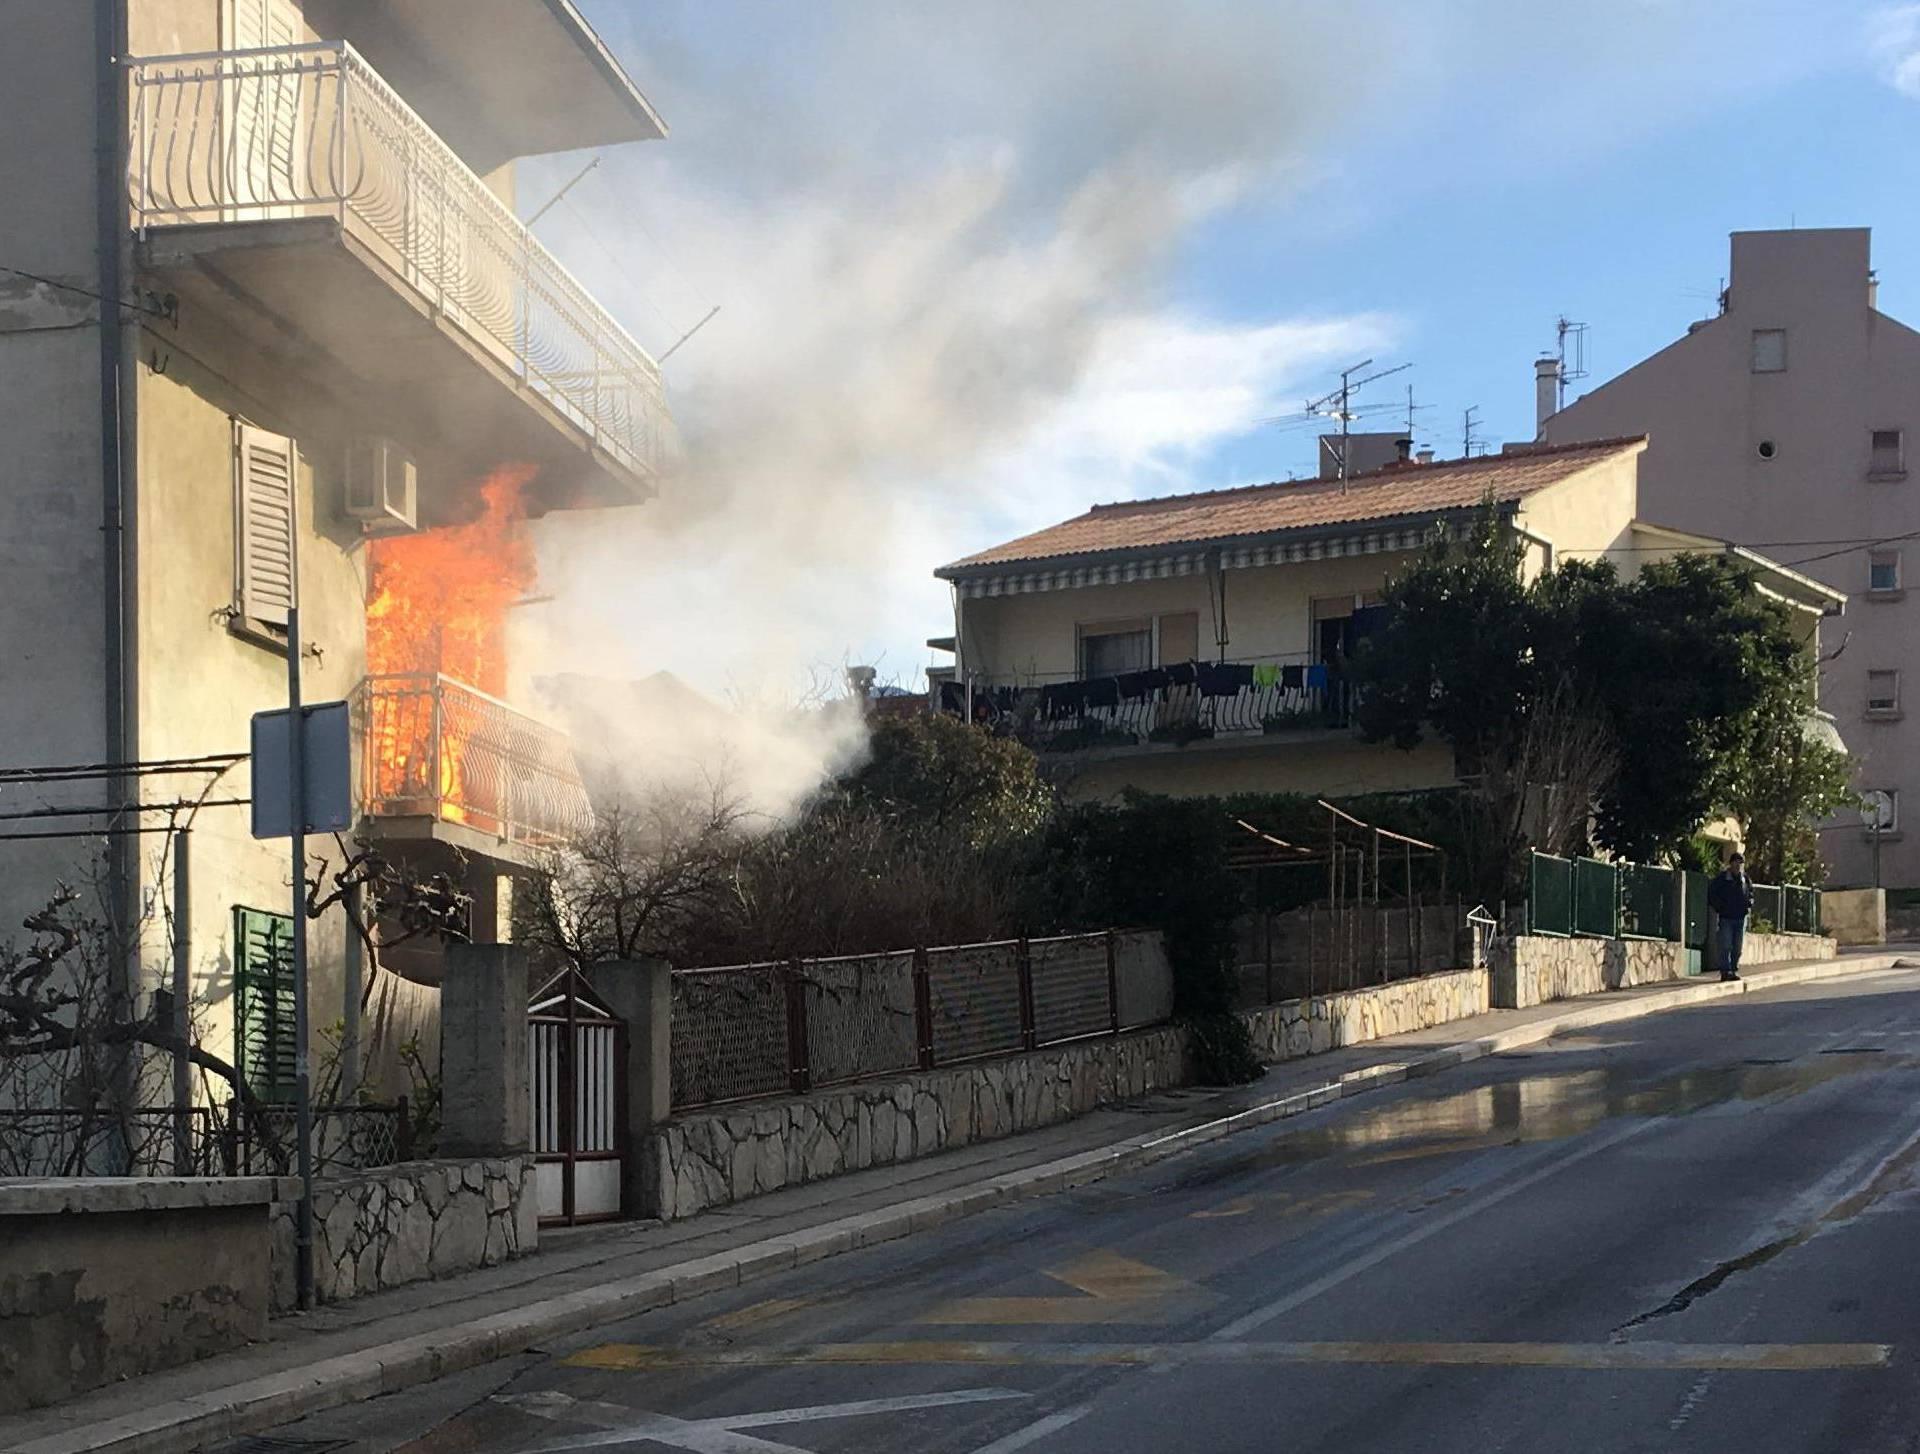 Izbio je požar u kući u Solinu: 'Žena je izašla van na vrijeme'